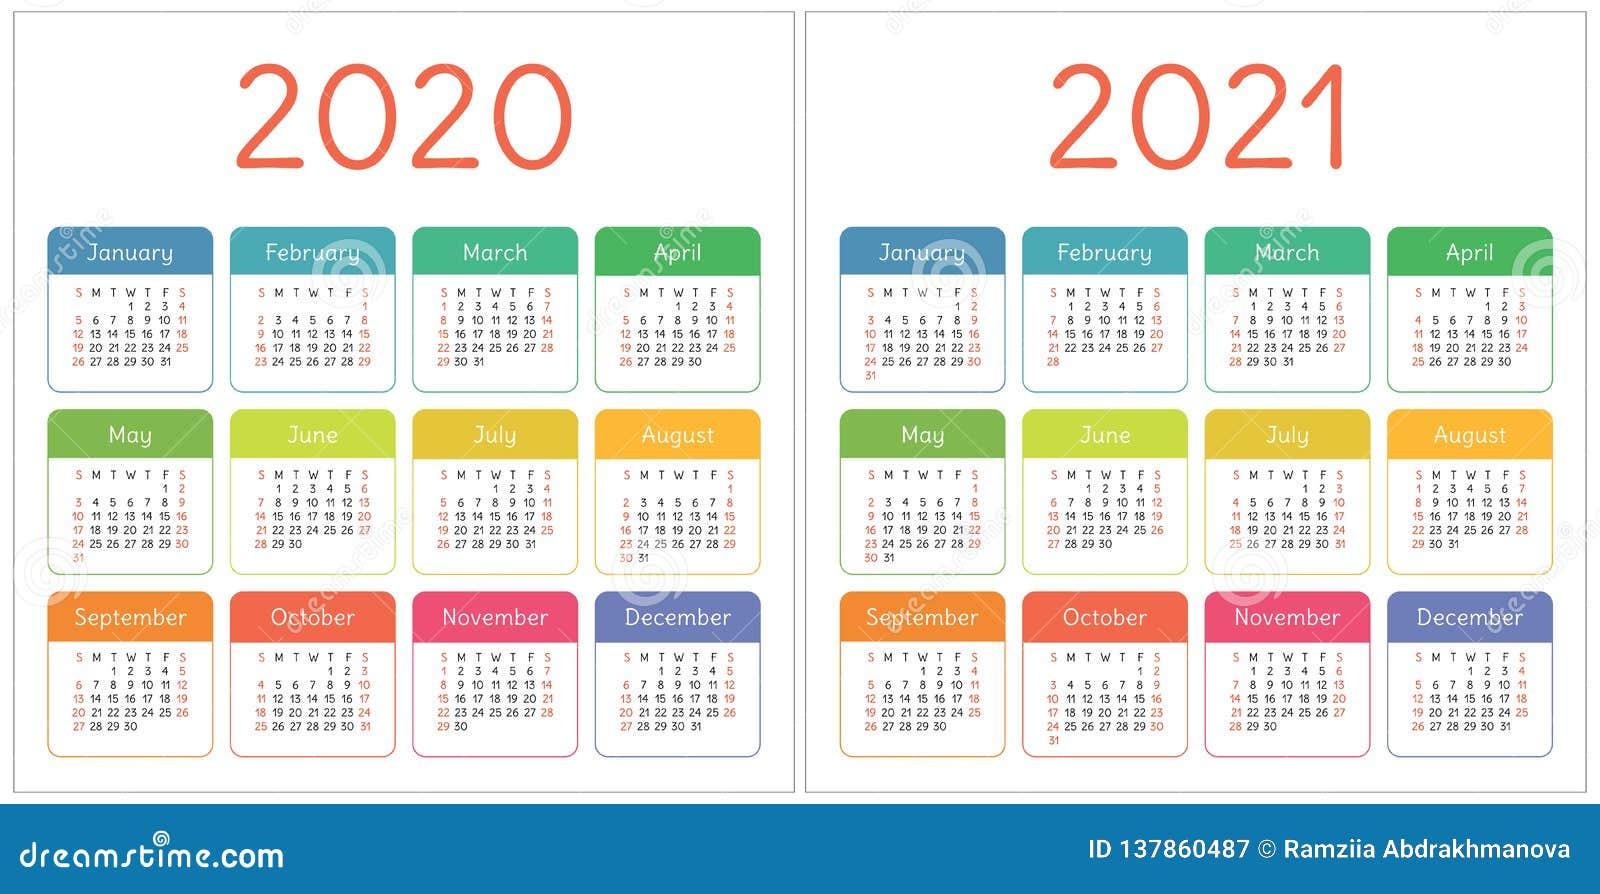 Calendario 2020 2021 Gratis Calendario 2020, 2021 Años Sistema Colorido Comienzo De La Semana